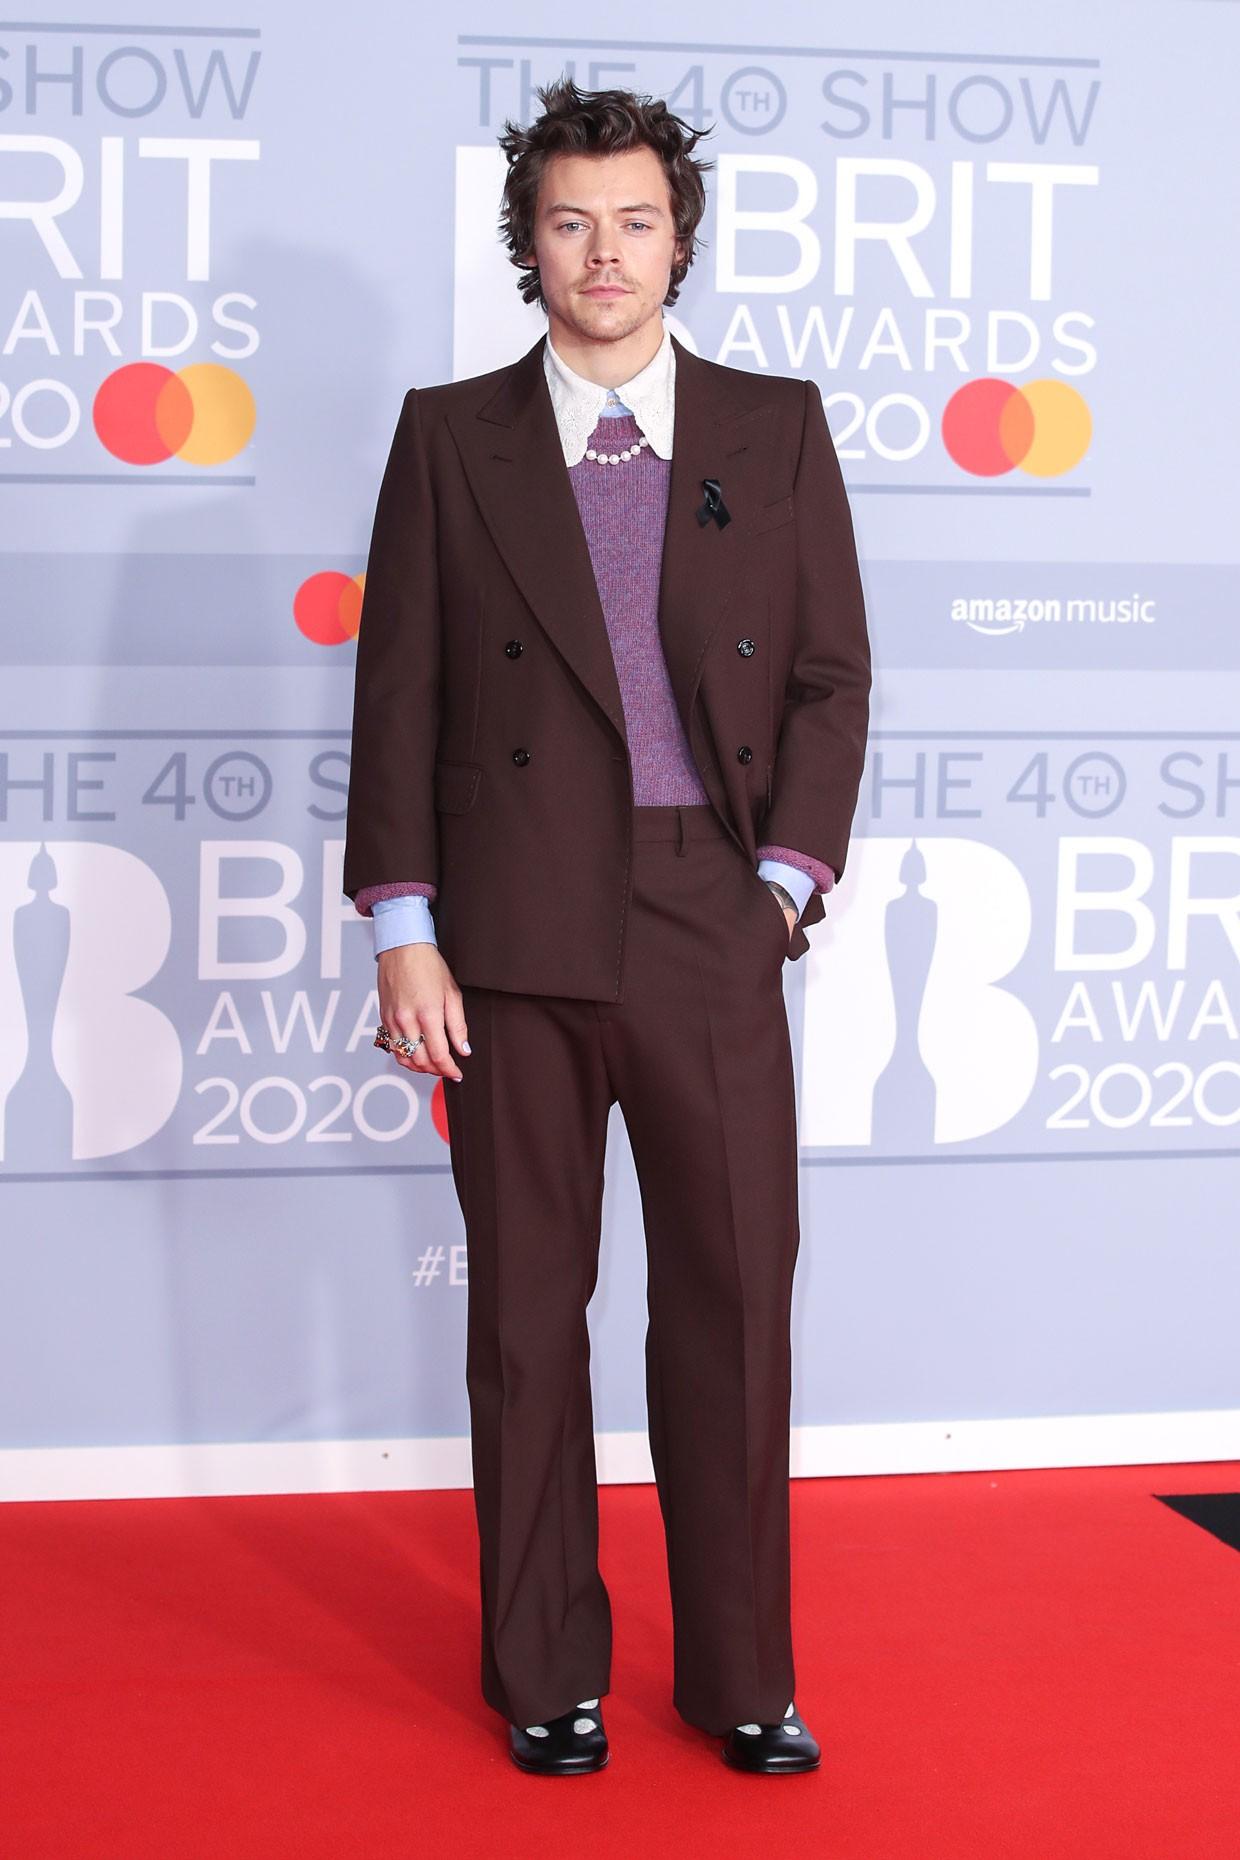 harry styles channels professor plum on brit awards red carpet billboard brit awards red carpet